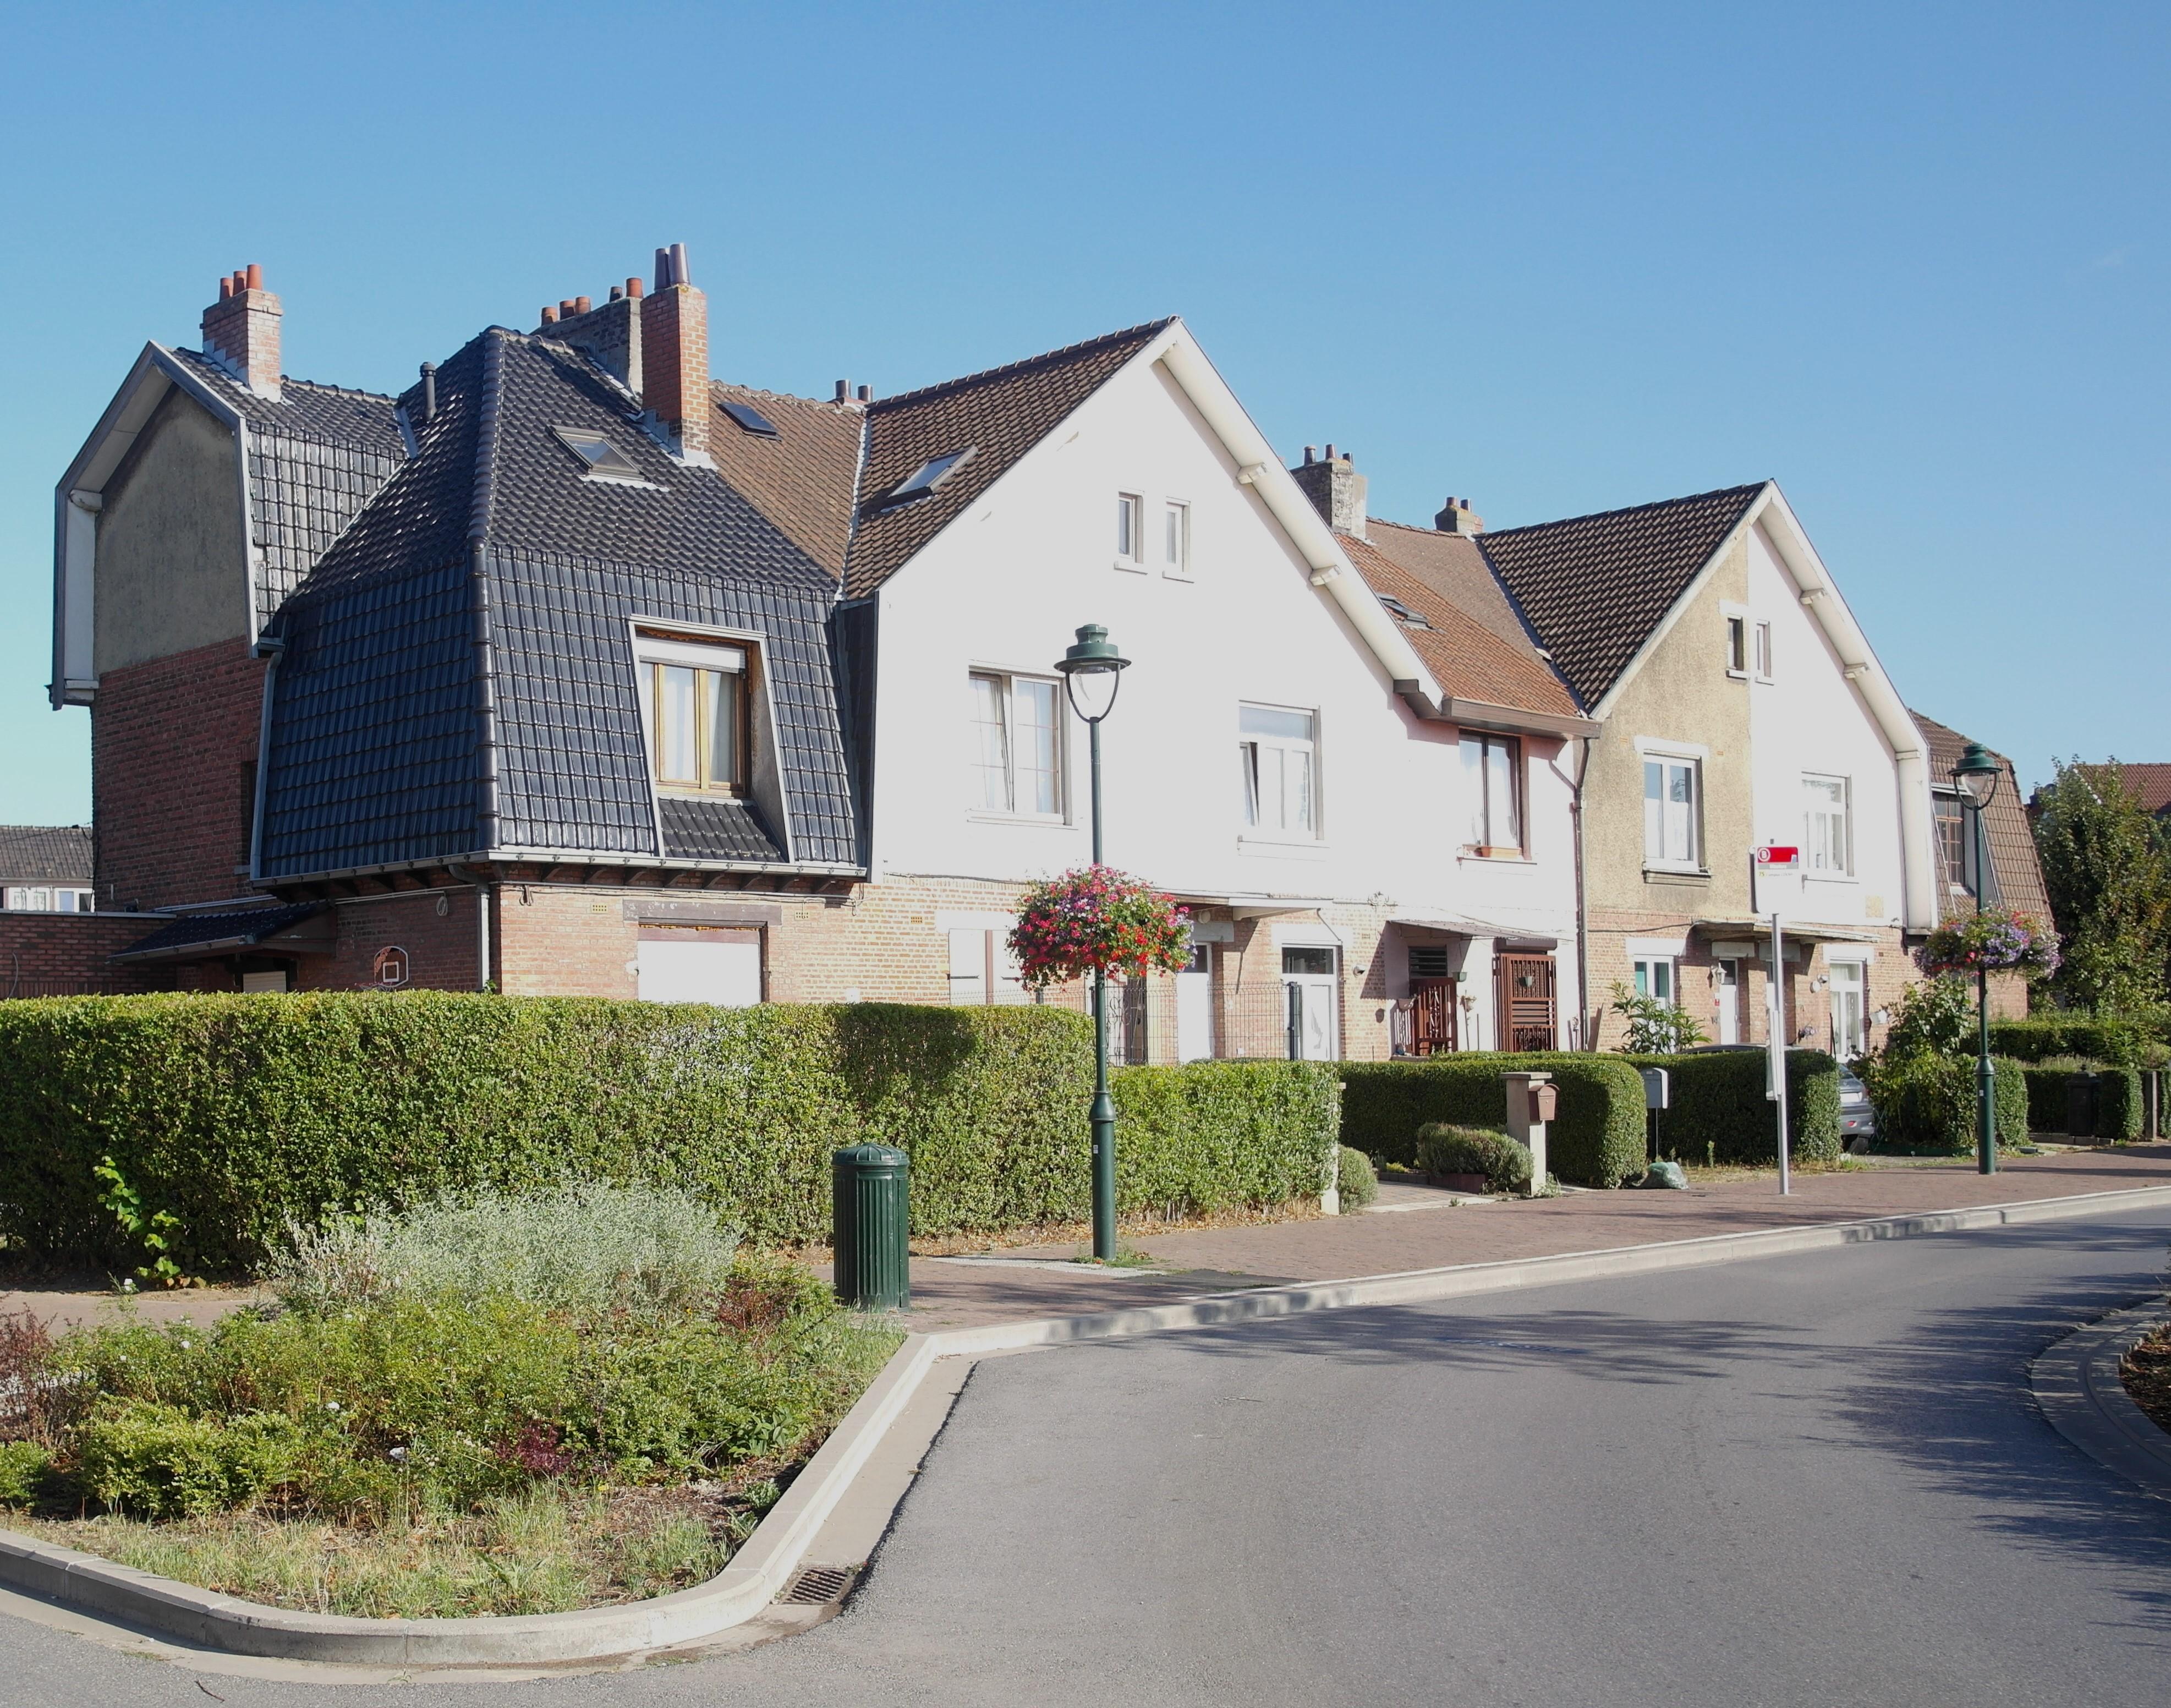 Groupe d'habitations situé place Ministre Wauters, 2018